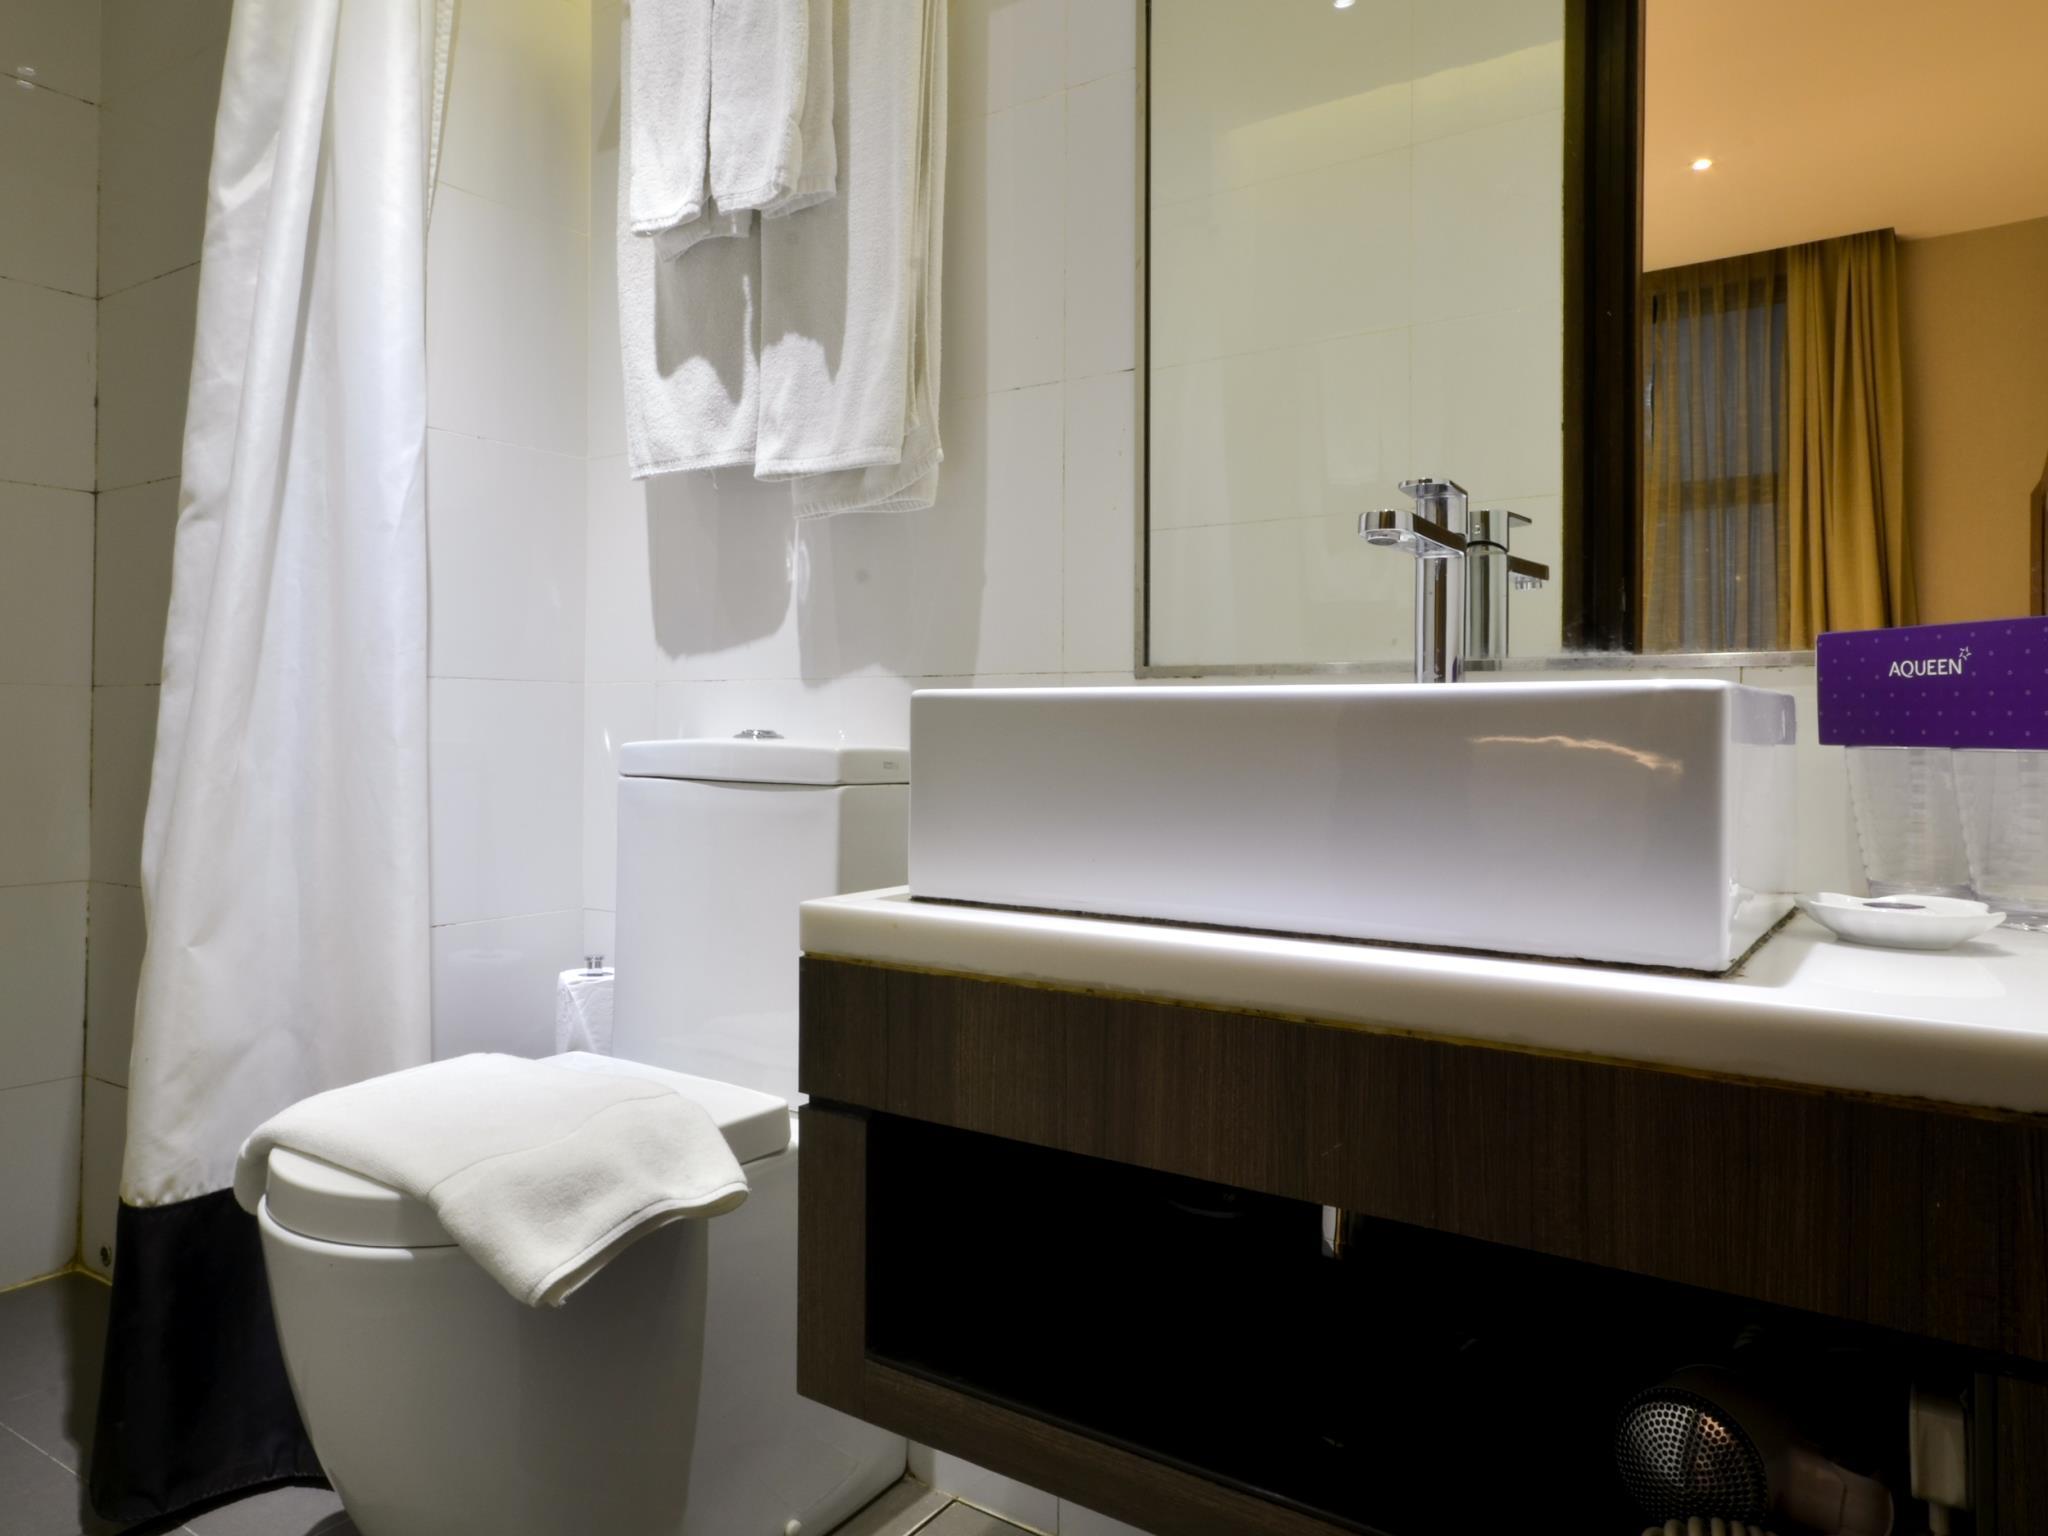 Bathroom Accessories Jalan Besar aqueen jalan besar hotel singapore - singapore hotels - singa at